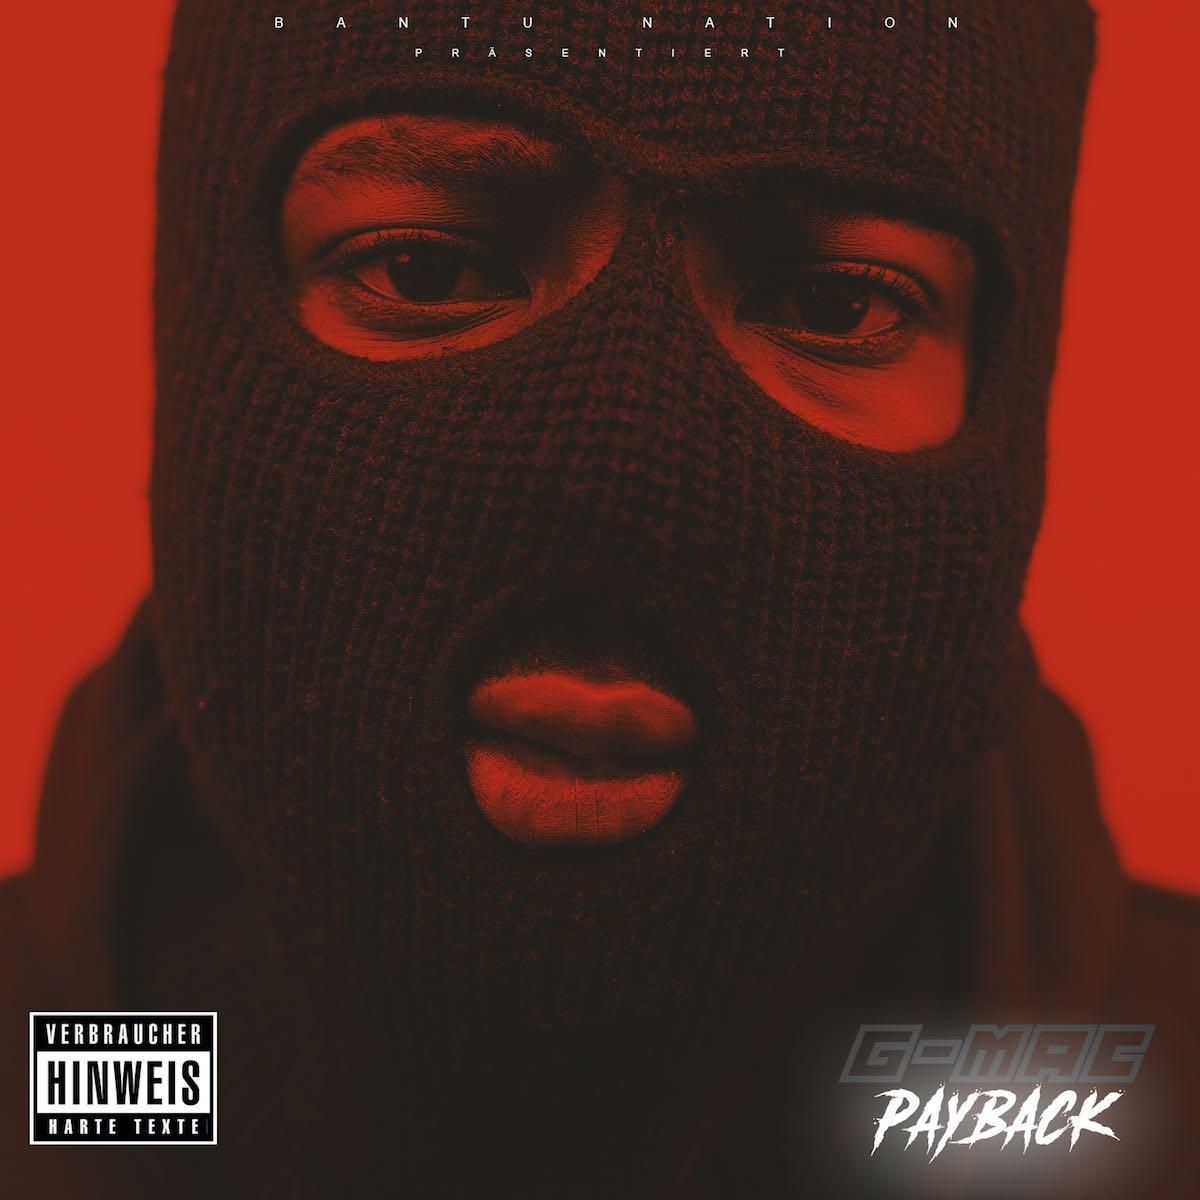 Upcoming: G-Mac - Payback